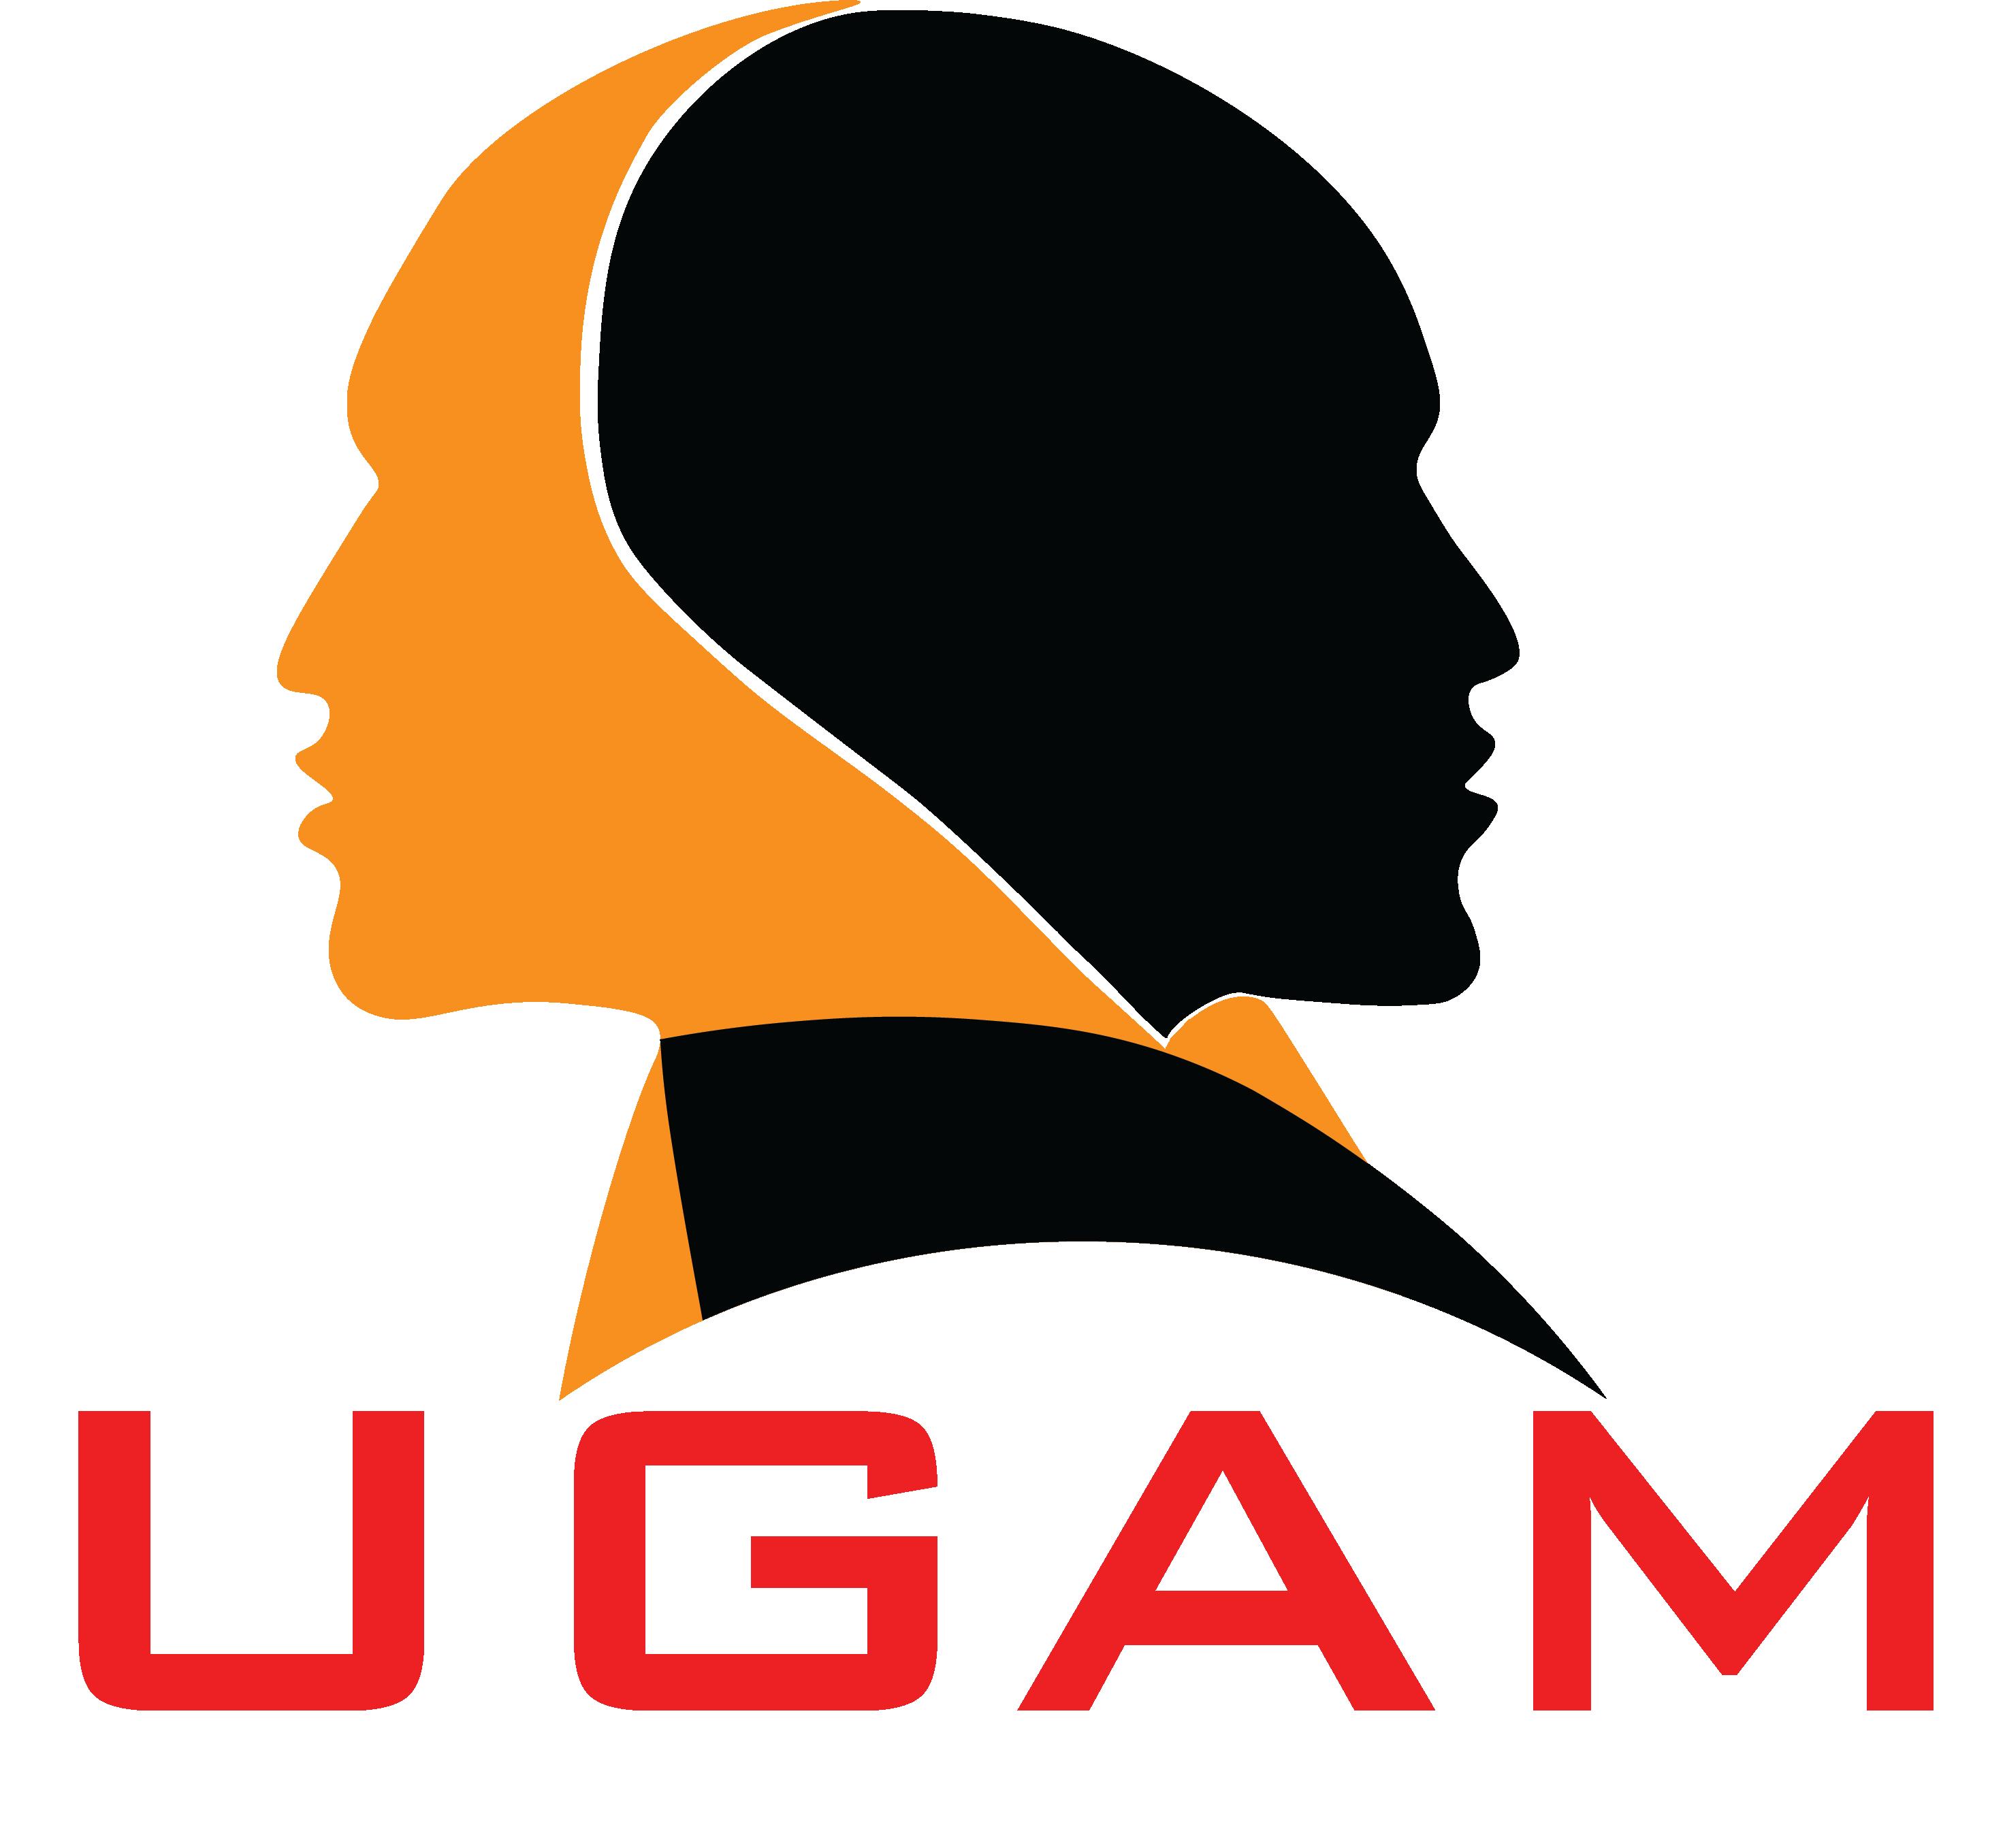 Volunteering clipart generosity. Ugam logo png become